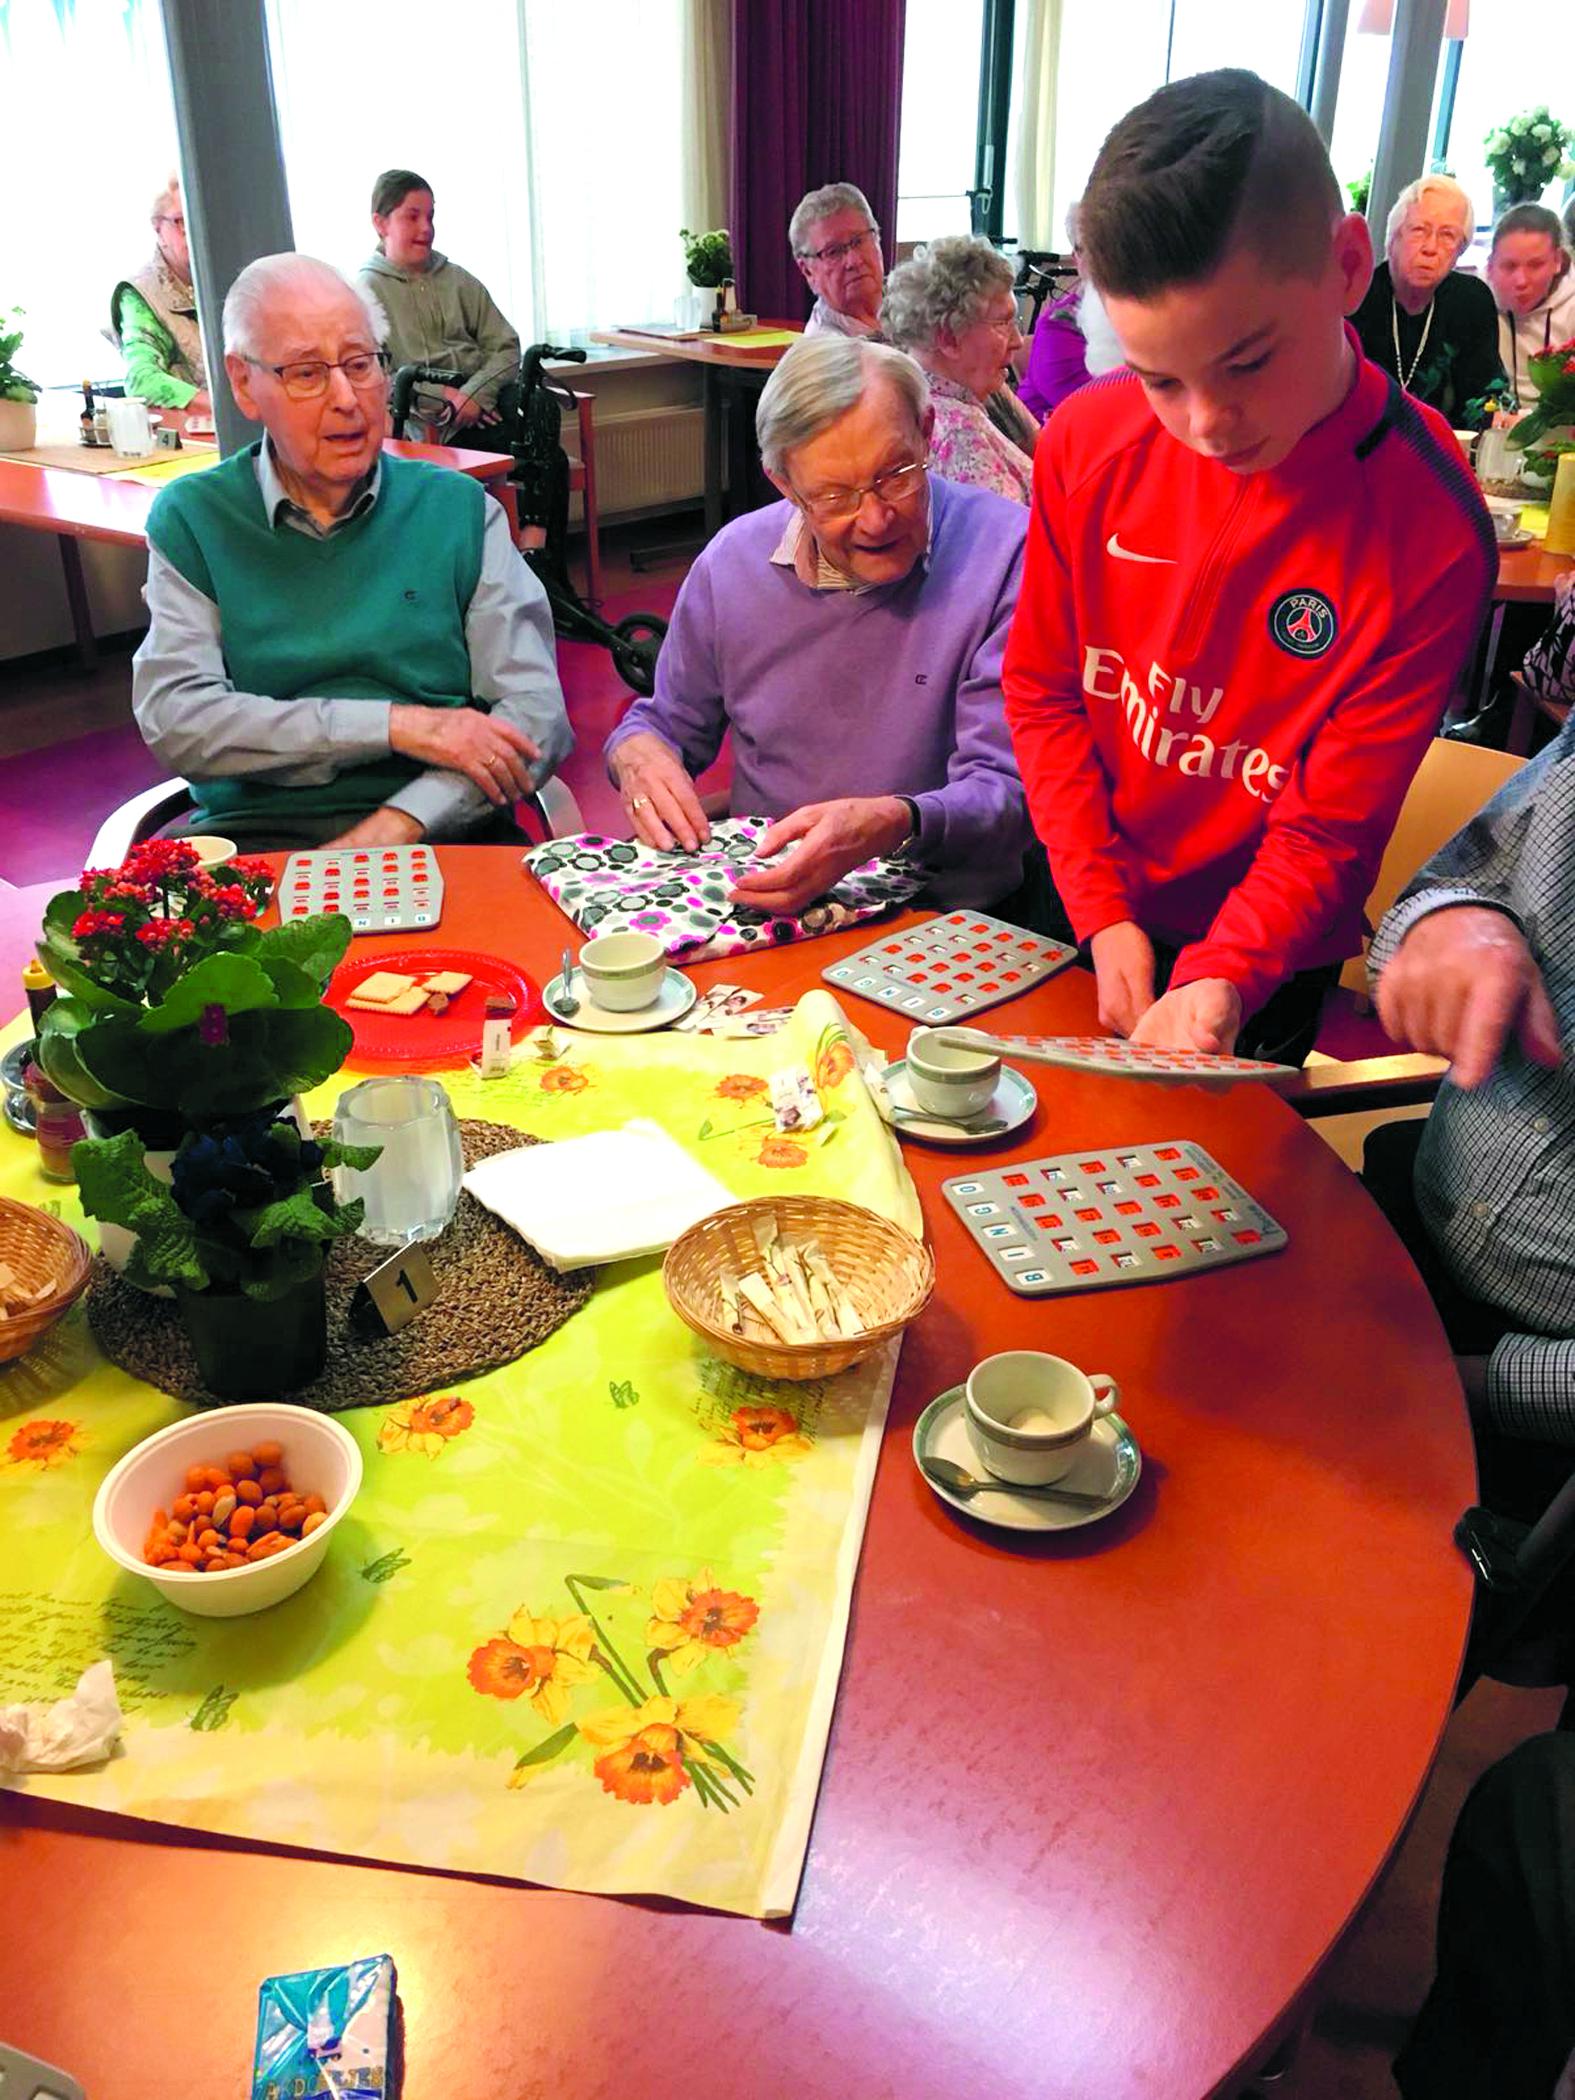 De ouderen in Westerheem vermaken zich opperbest. (foto aangeleverd)